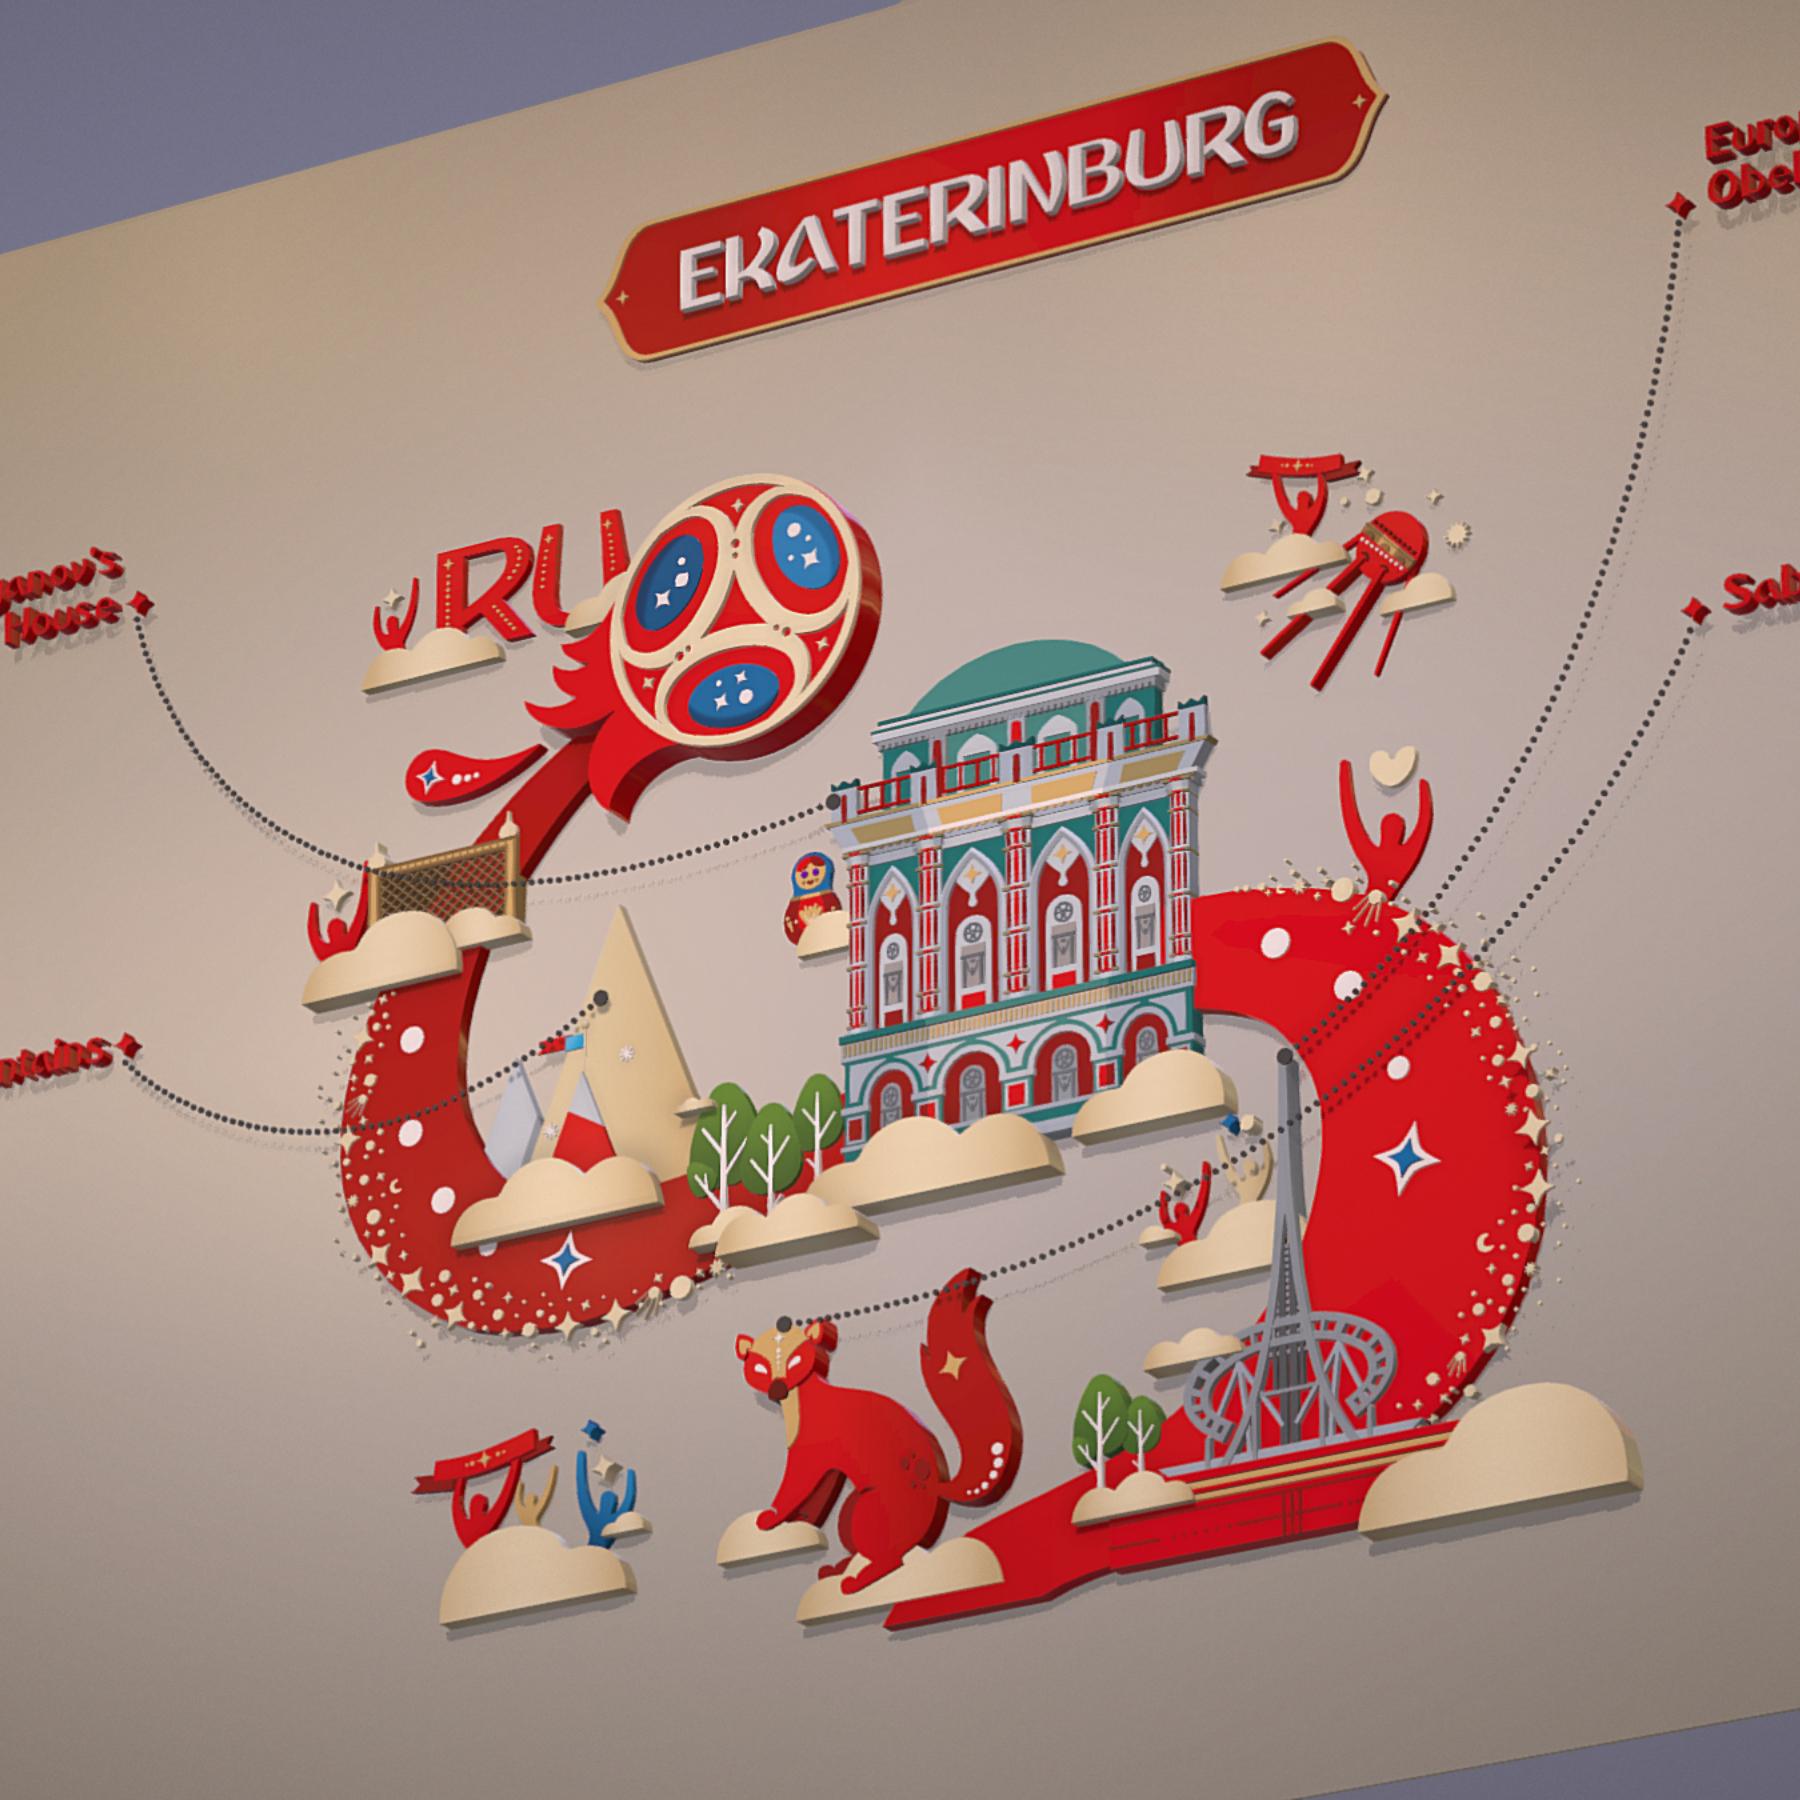 fifa wold cup 2018 russia host city ekaterinburg 3d model max  fbx jpeg jpg ma mb obj 271364